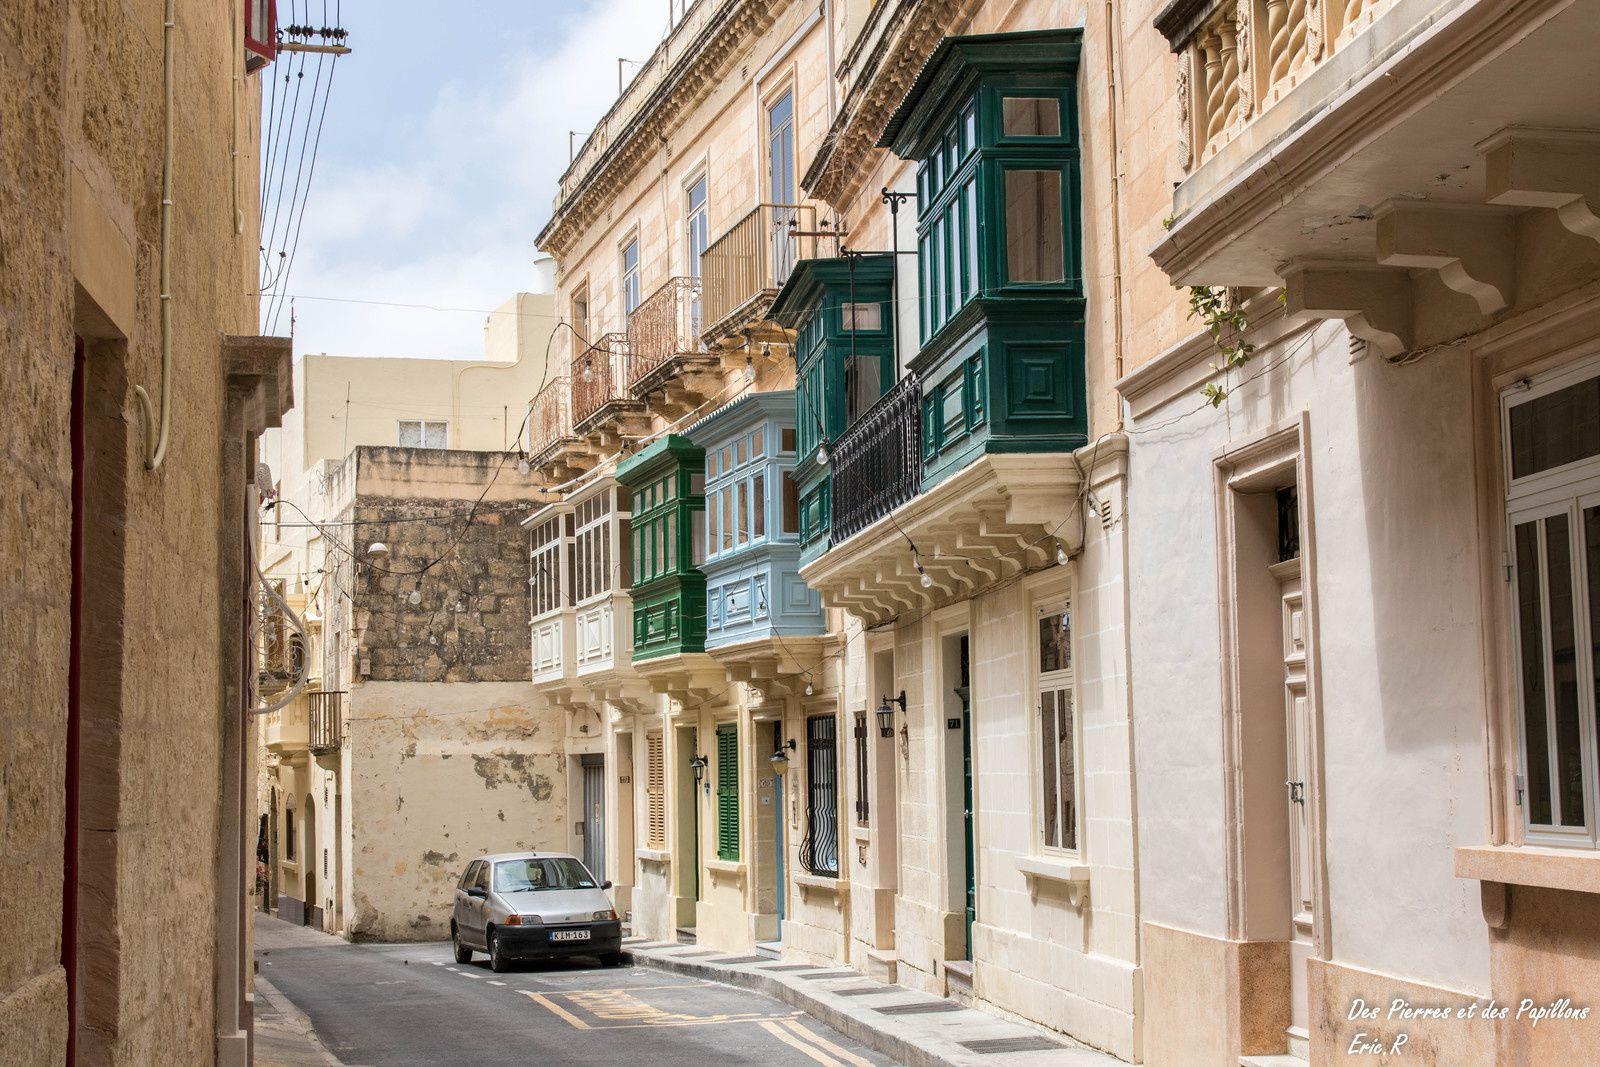 Ruelles, portes et balcons dans la ville de Rabat.